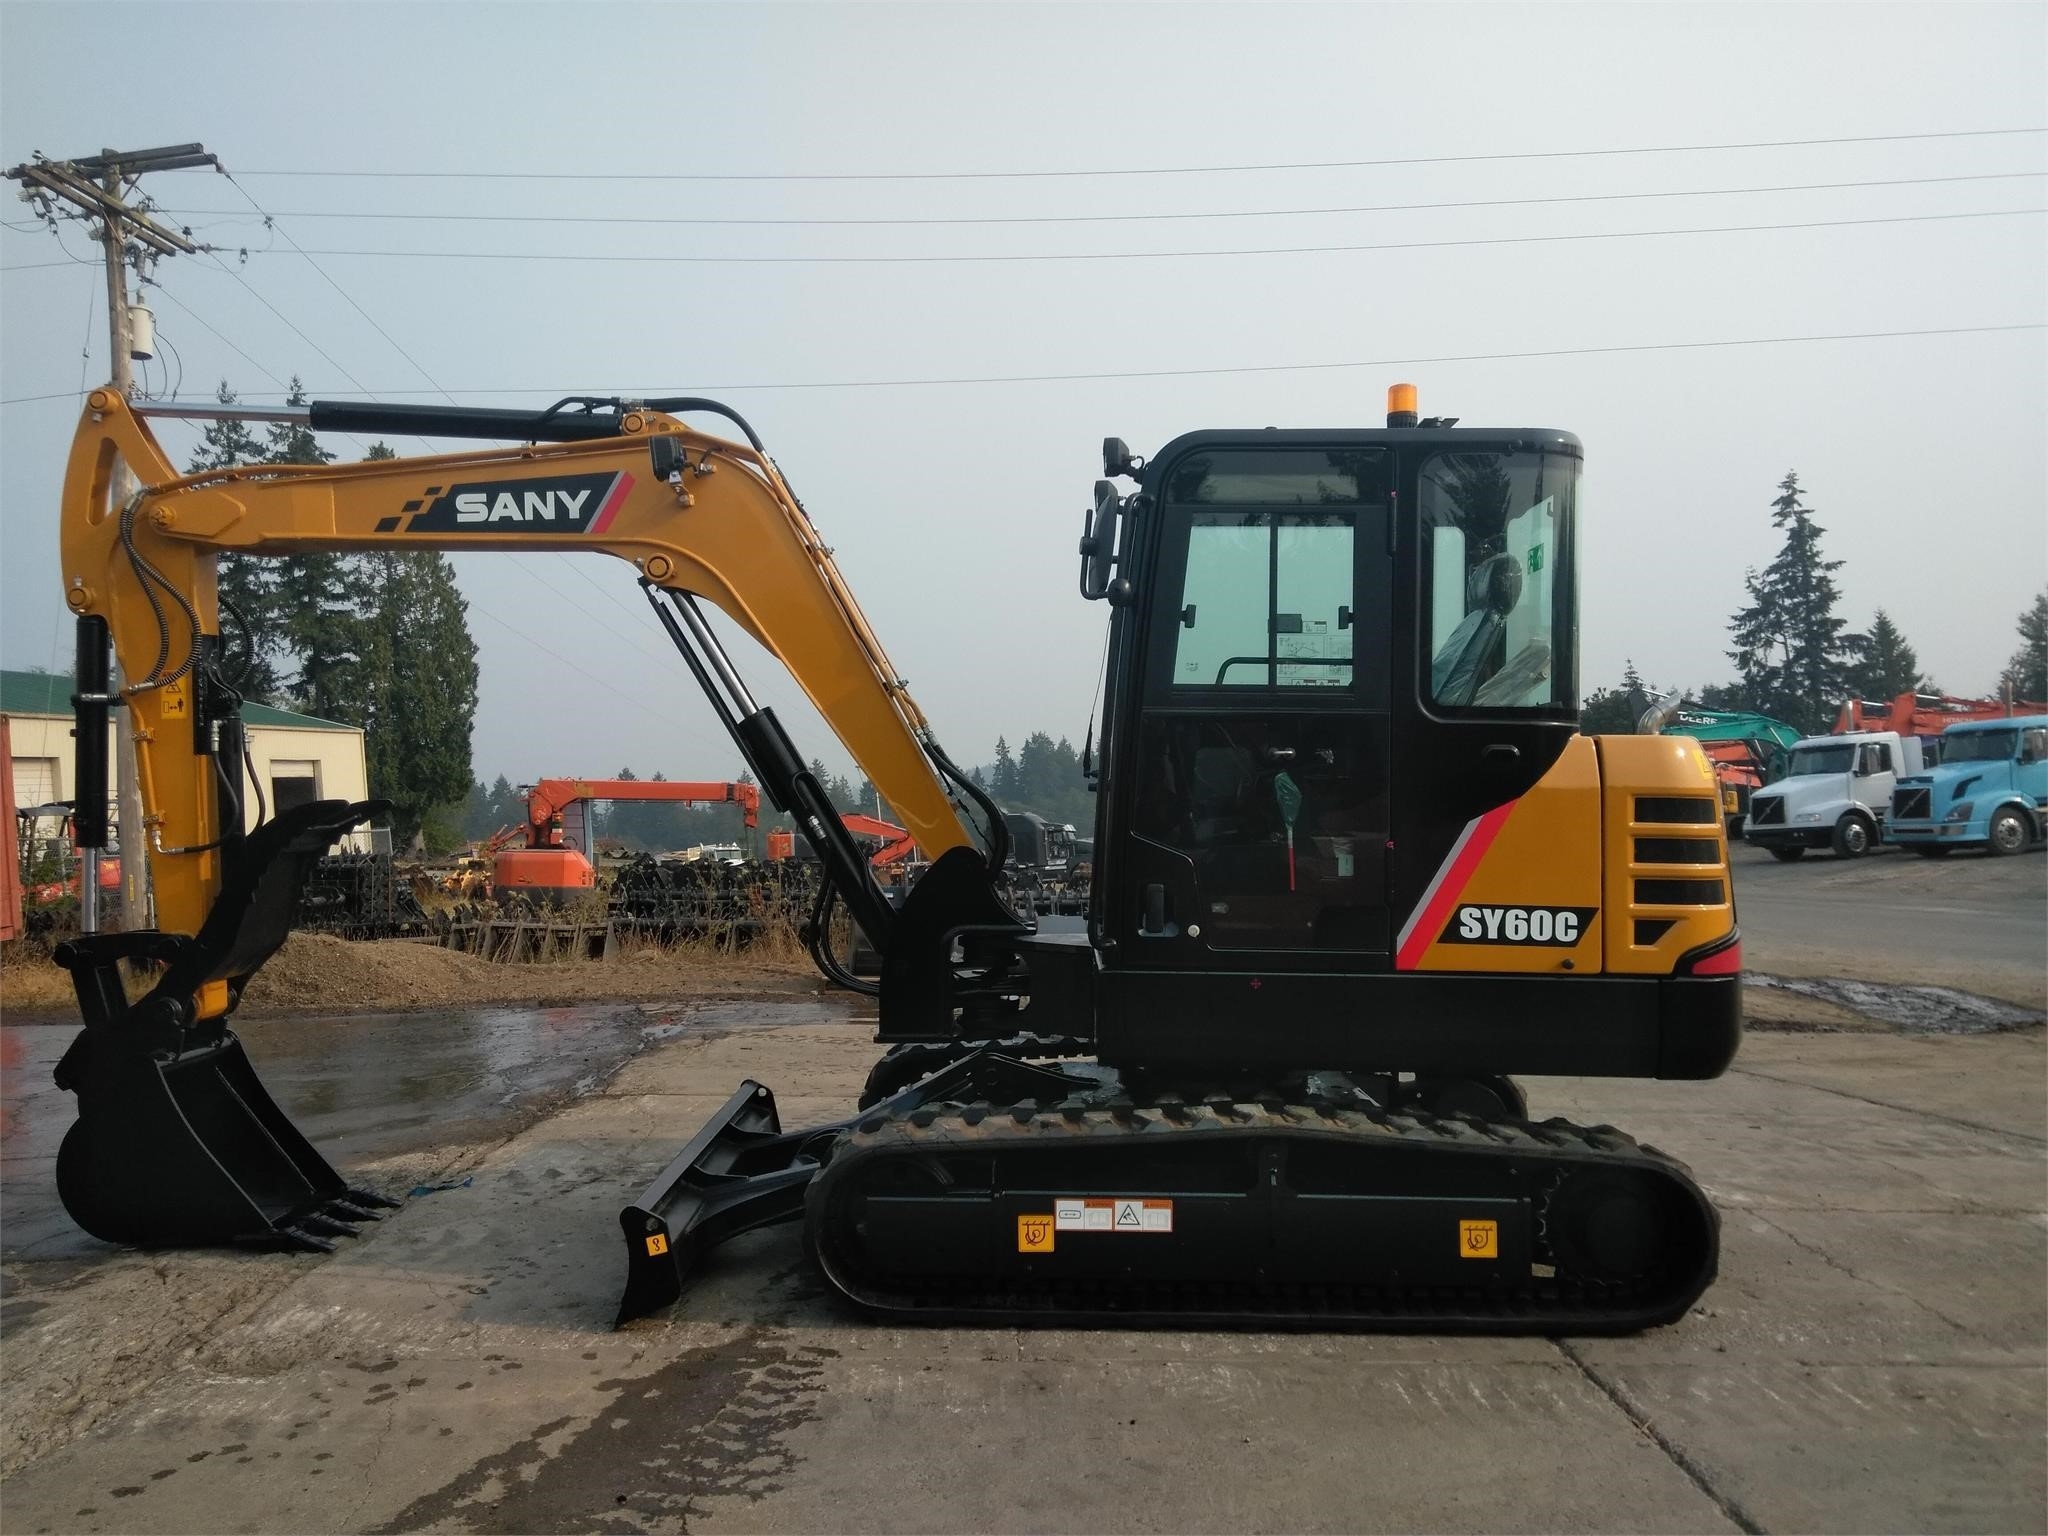 New Excavators Tractors Farm Equipment Wa Dealer